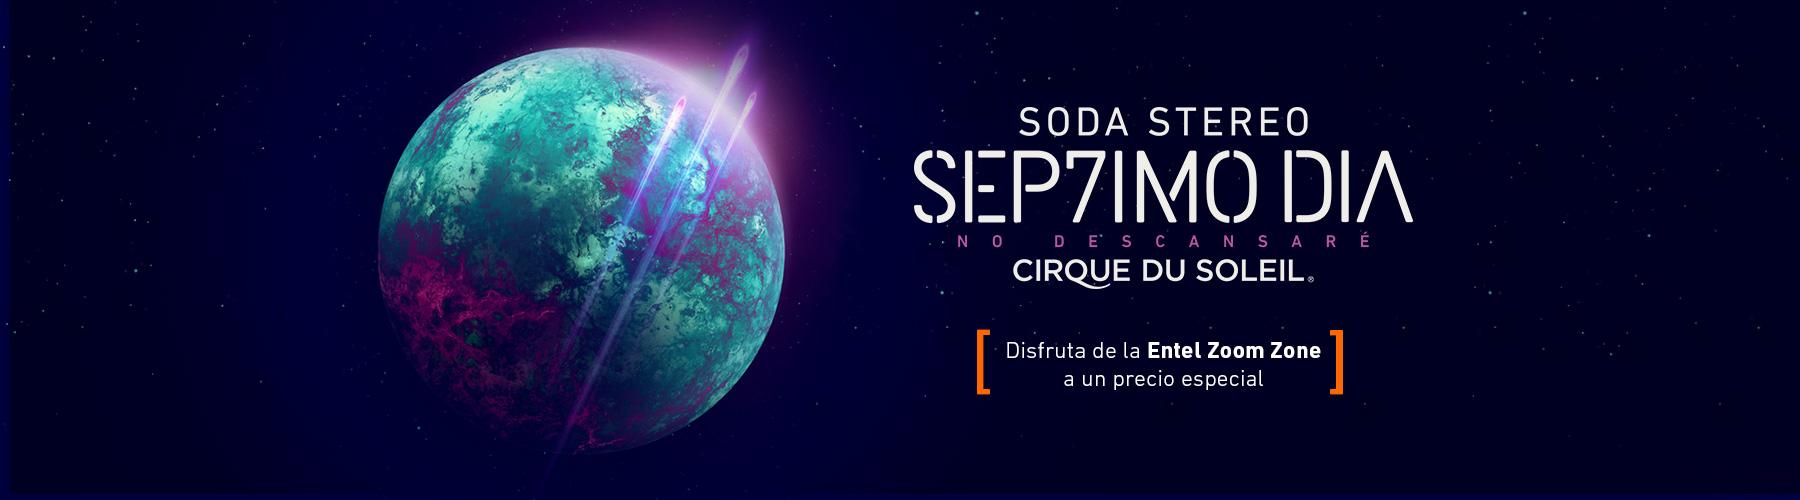 Cirque du Soleil y SODA STEREO - SÉPTIMO DÍA